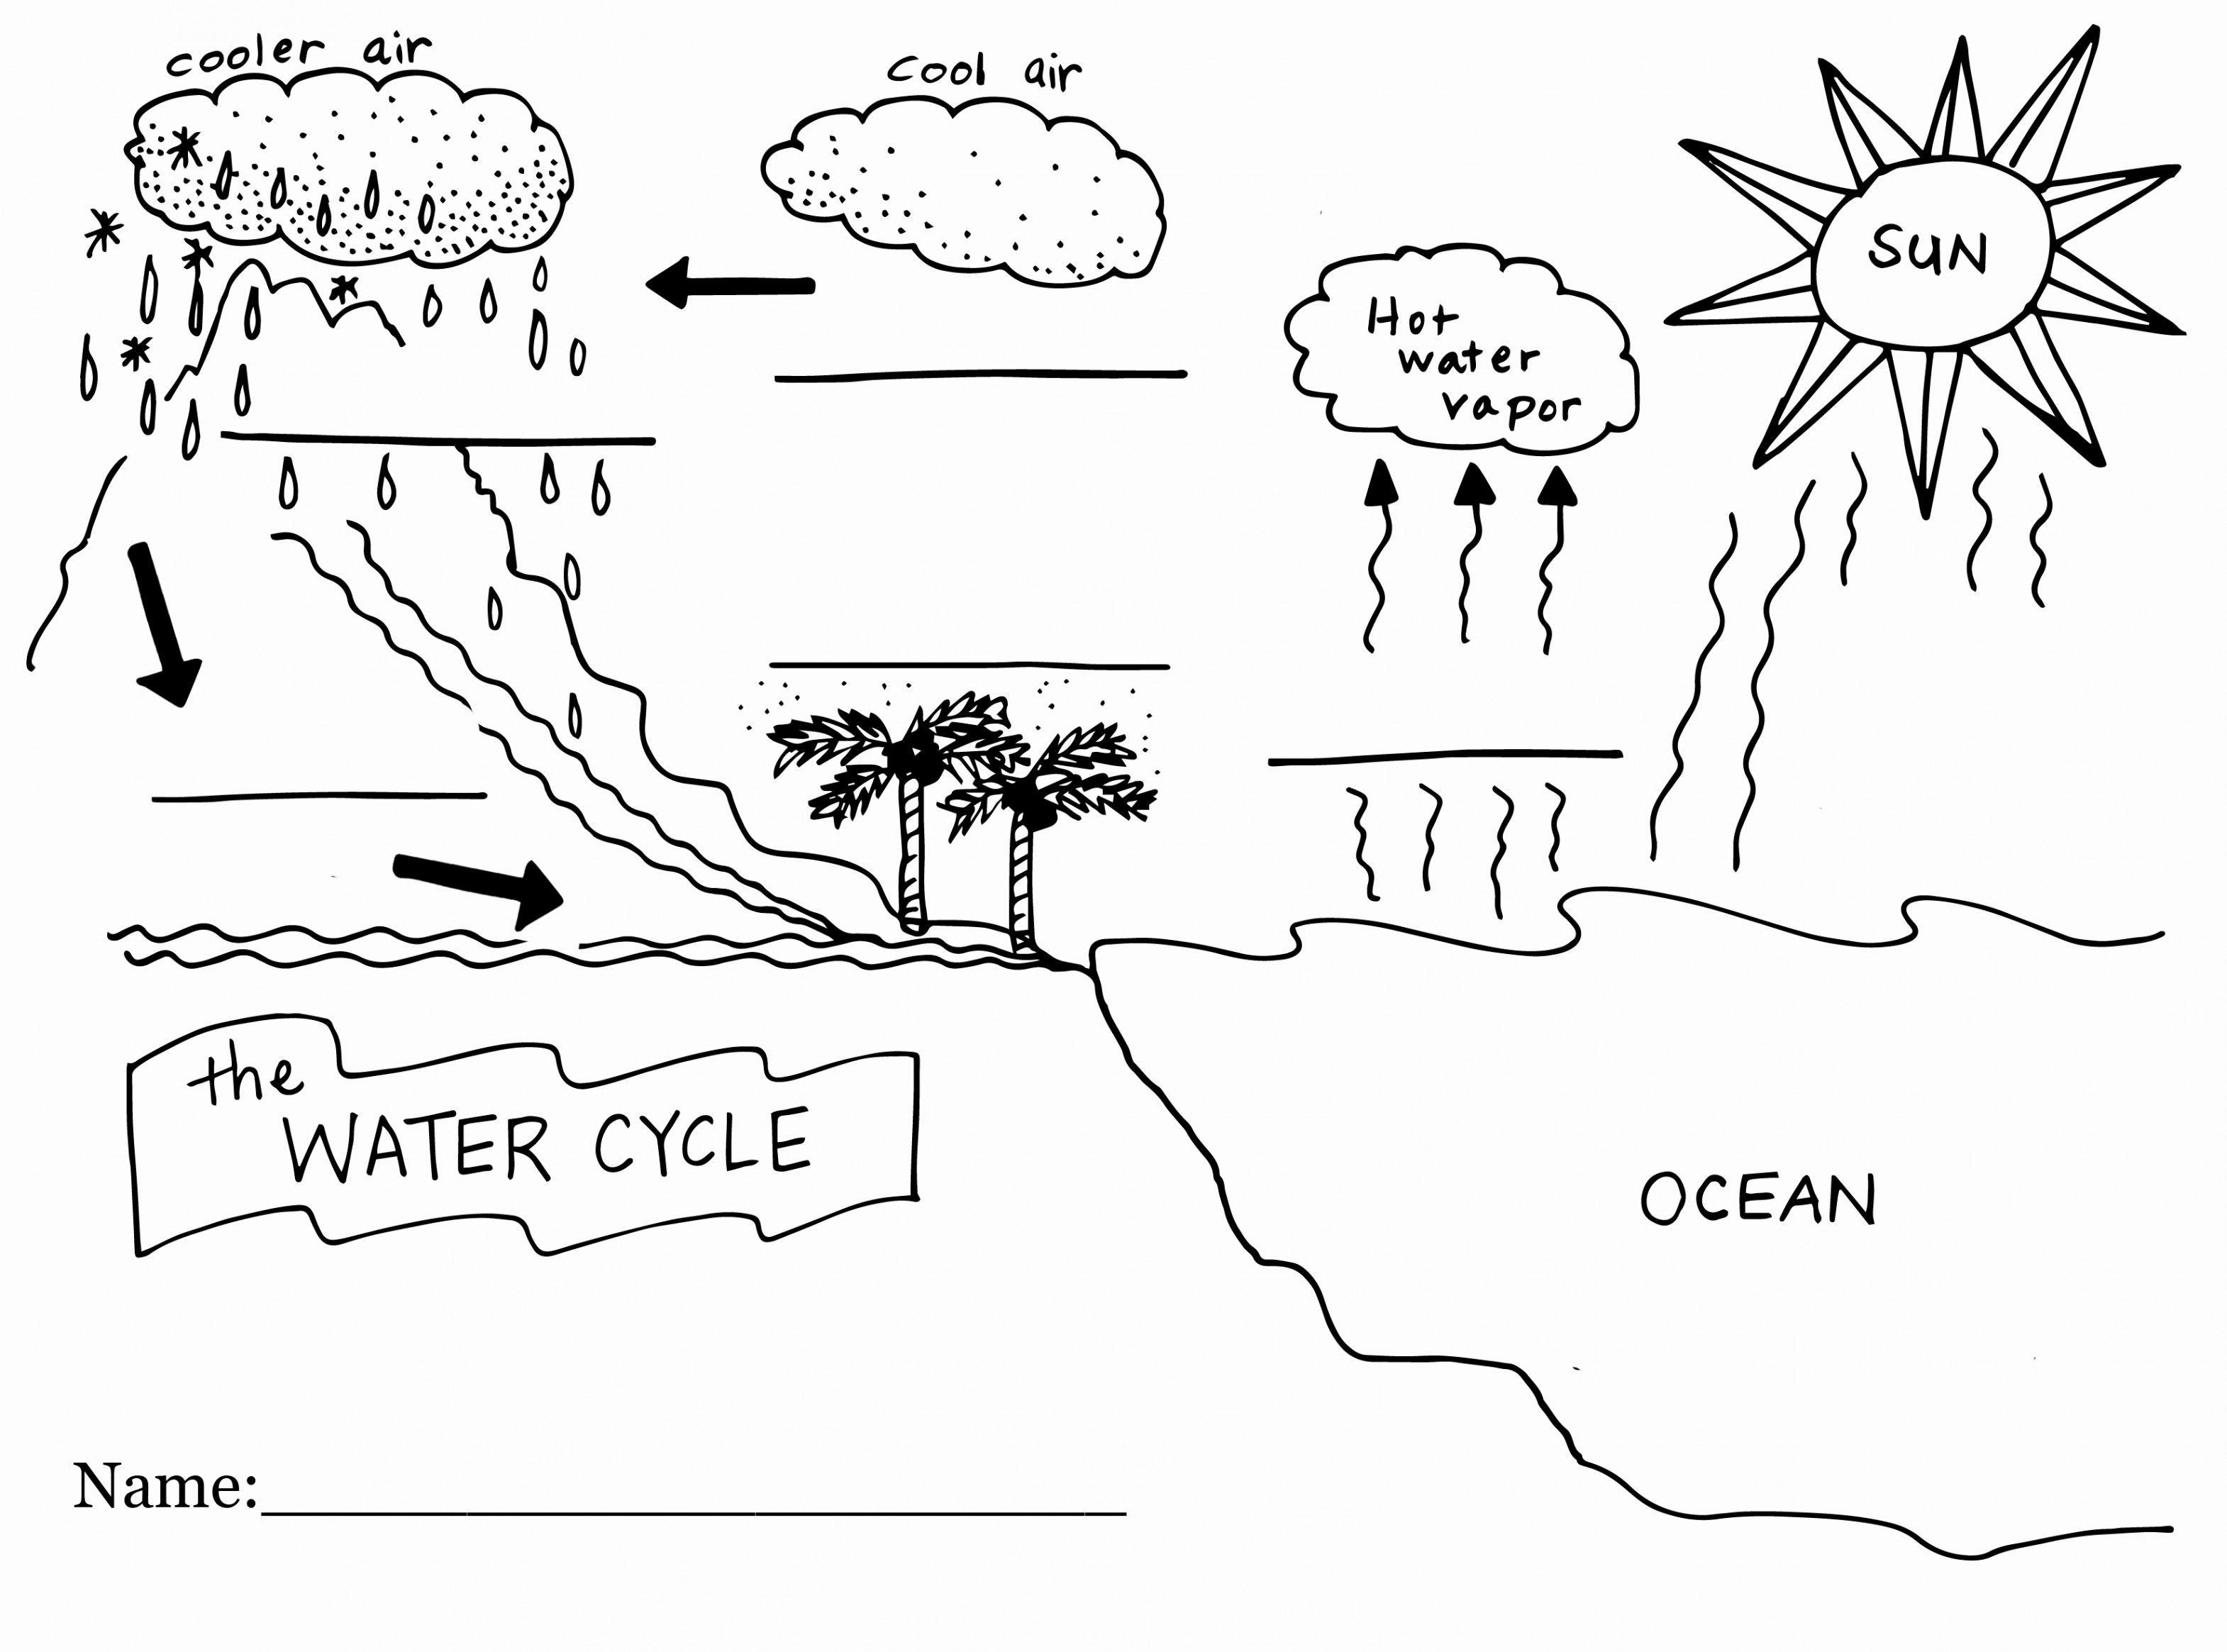 33 Simple Water Cycle Worksheet Design Http Ygdravil Info 33 Simple Water Cycle Worksheet Design Cyc Water Cycle Worksheet Water Cycle Science Doodles